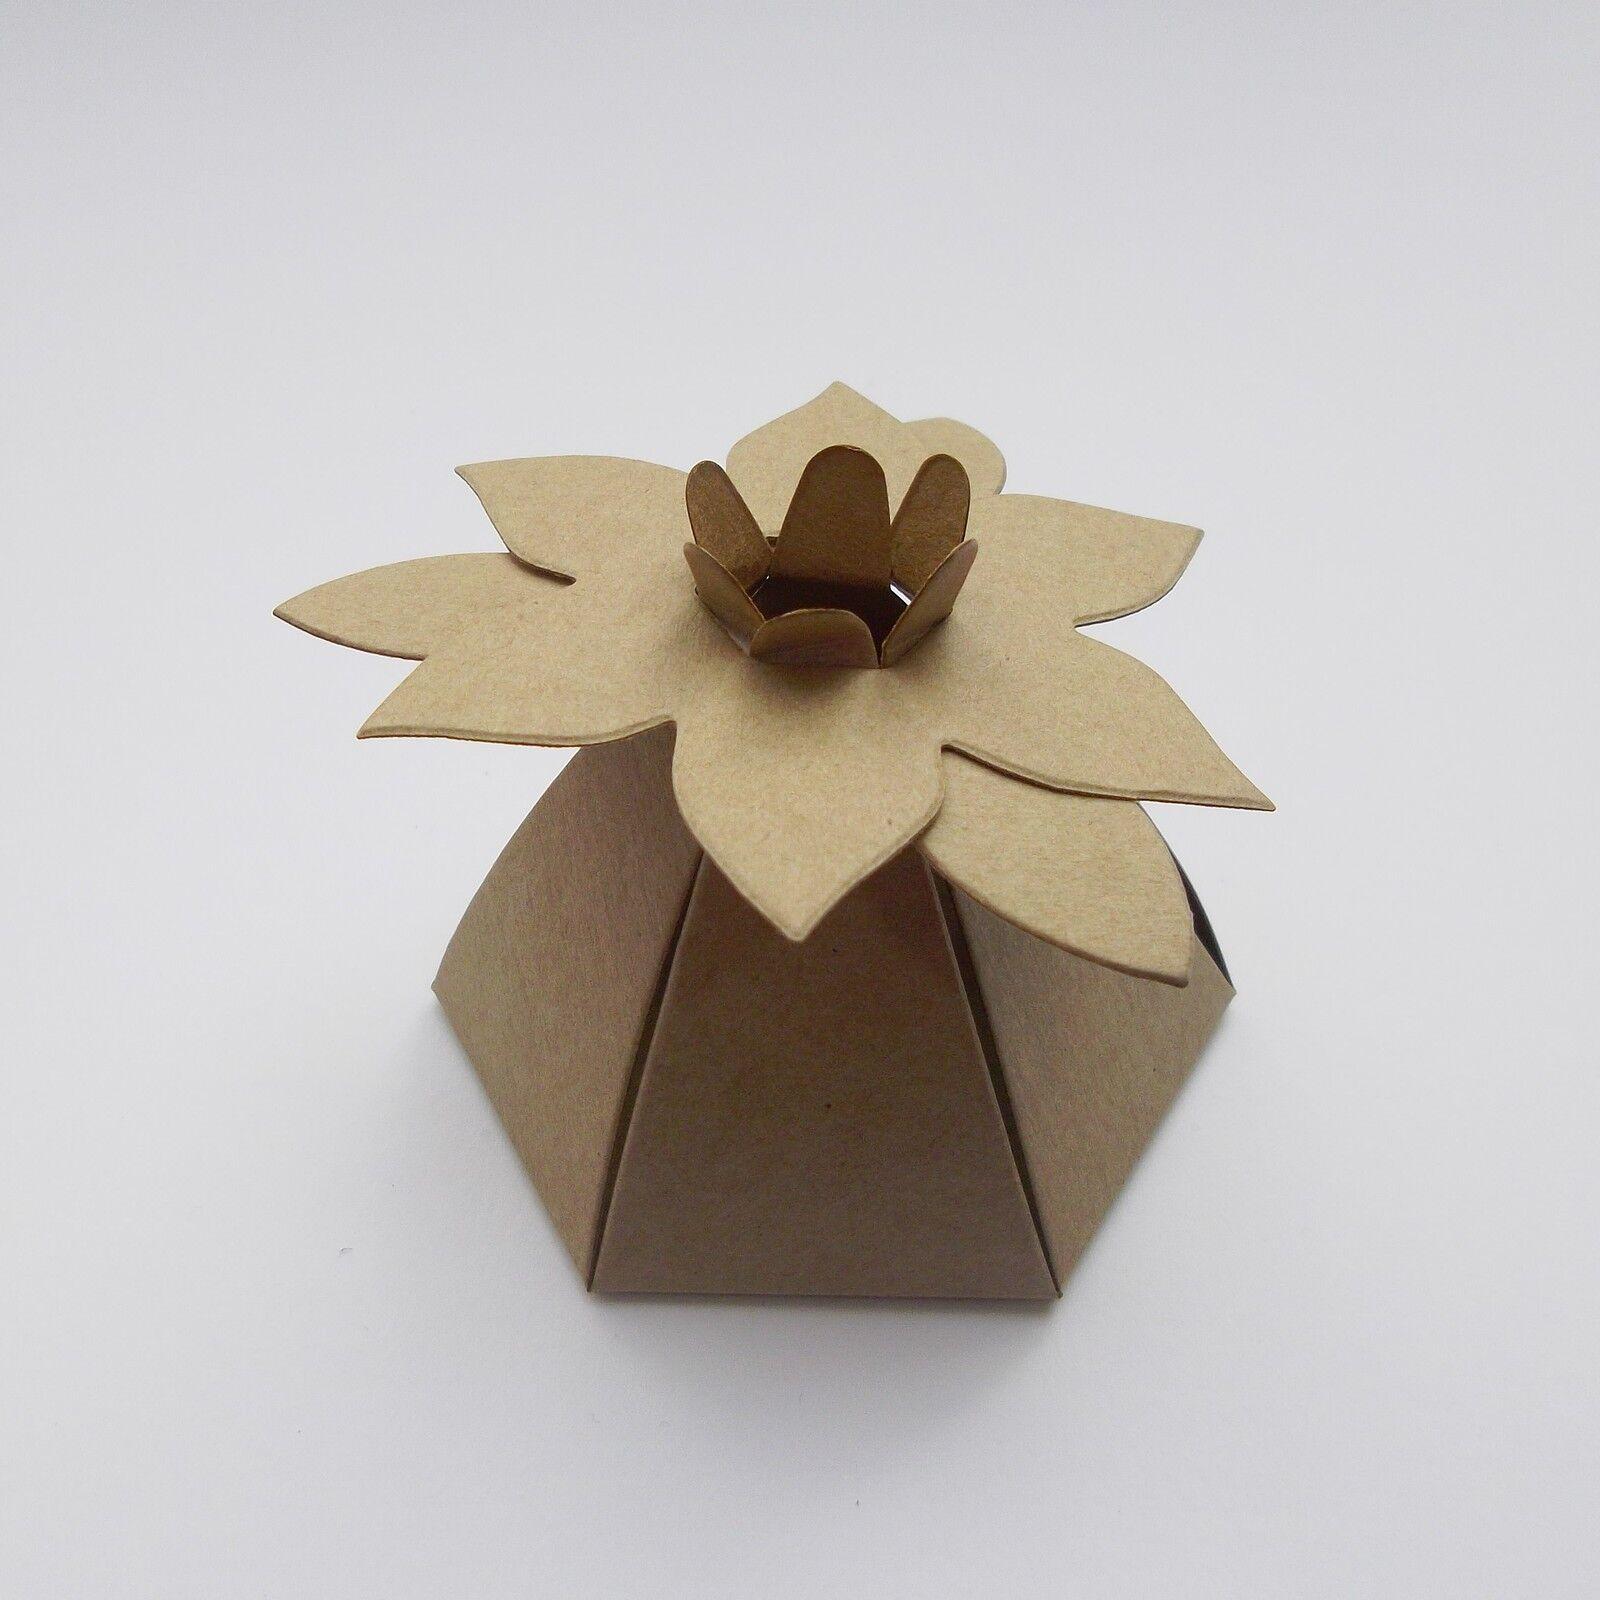 Marronee kraft matrimonio con fiore scatole di favore-Scegli favore-Scegli favore-Scegli La quantità-Addio al Nubilato a4a27f